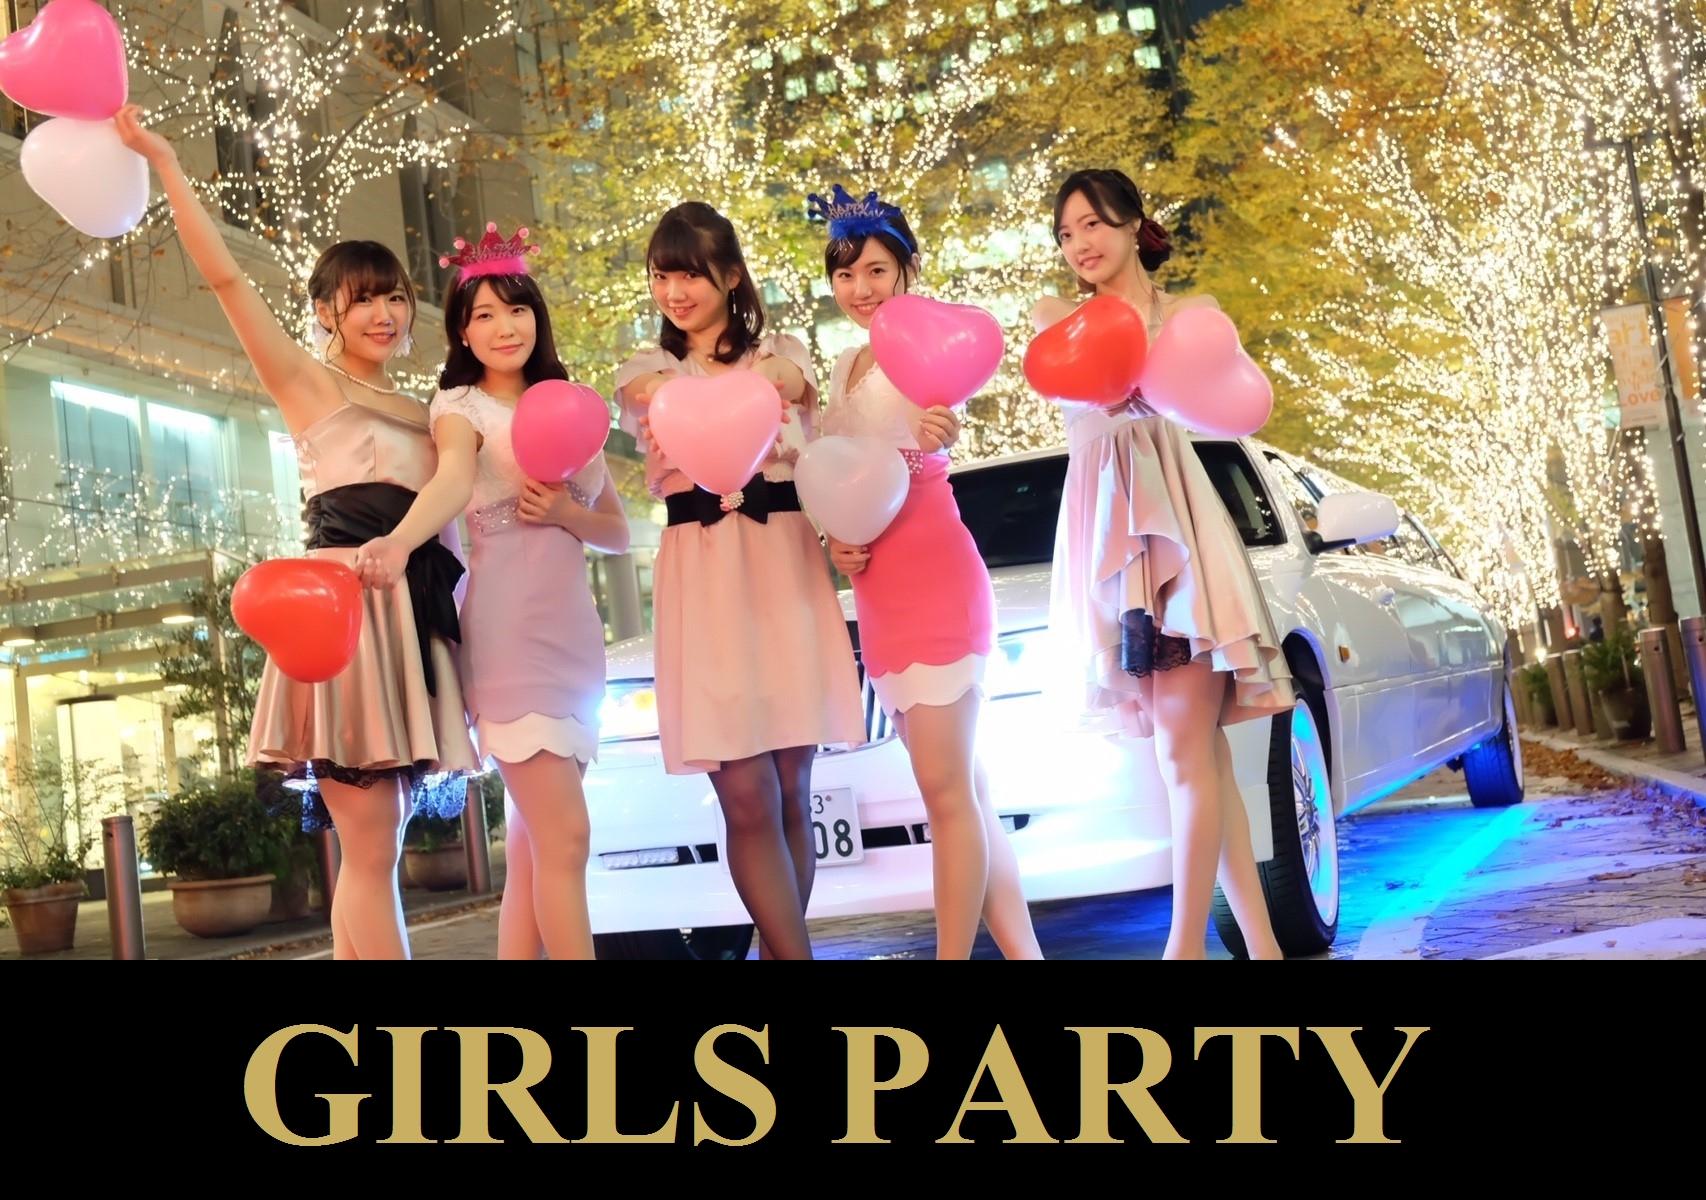 リムジンパーティー女子会・リムジン女子会で選ぶなら口コミ、おすすめ、有名リムジンサービスにお任せ下さいリムジンパーティー女子会名古屋,リムジンパーティー大阪女子会,リムジンパーティー福岡女子会、リムジンパーティー激安にお任せ下さい